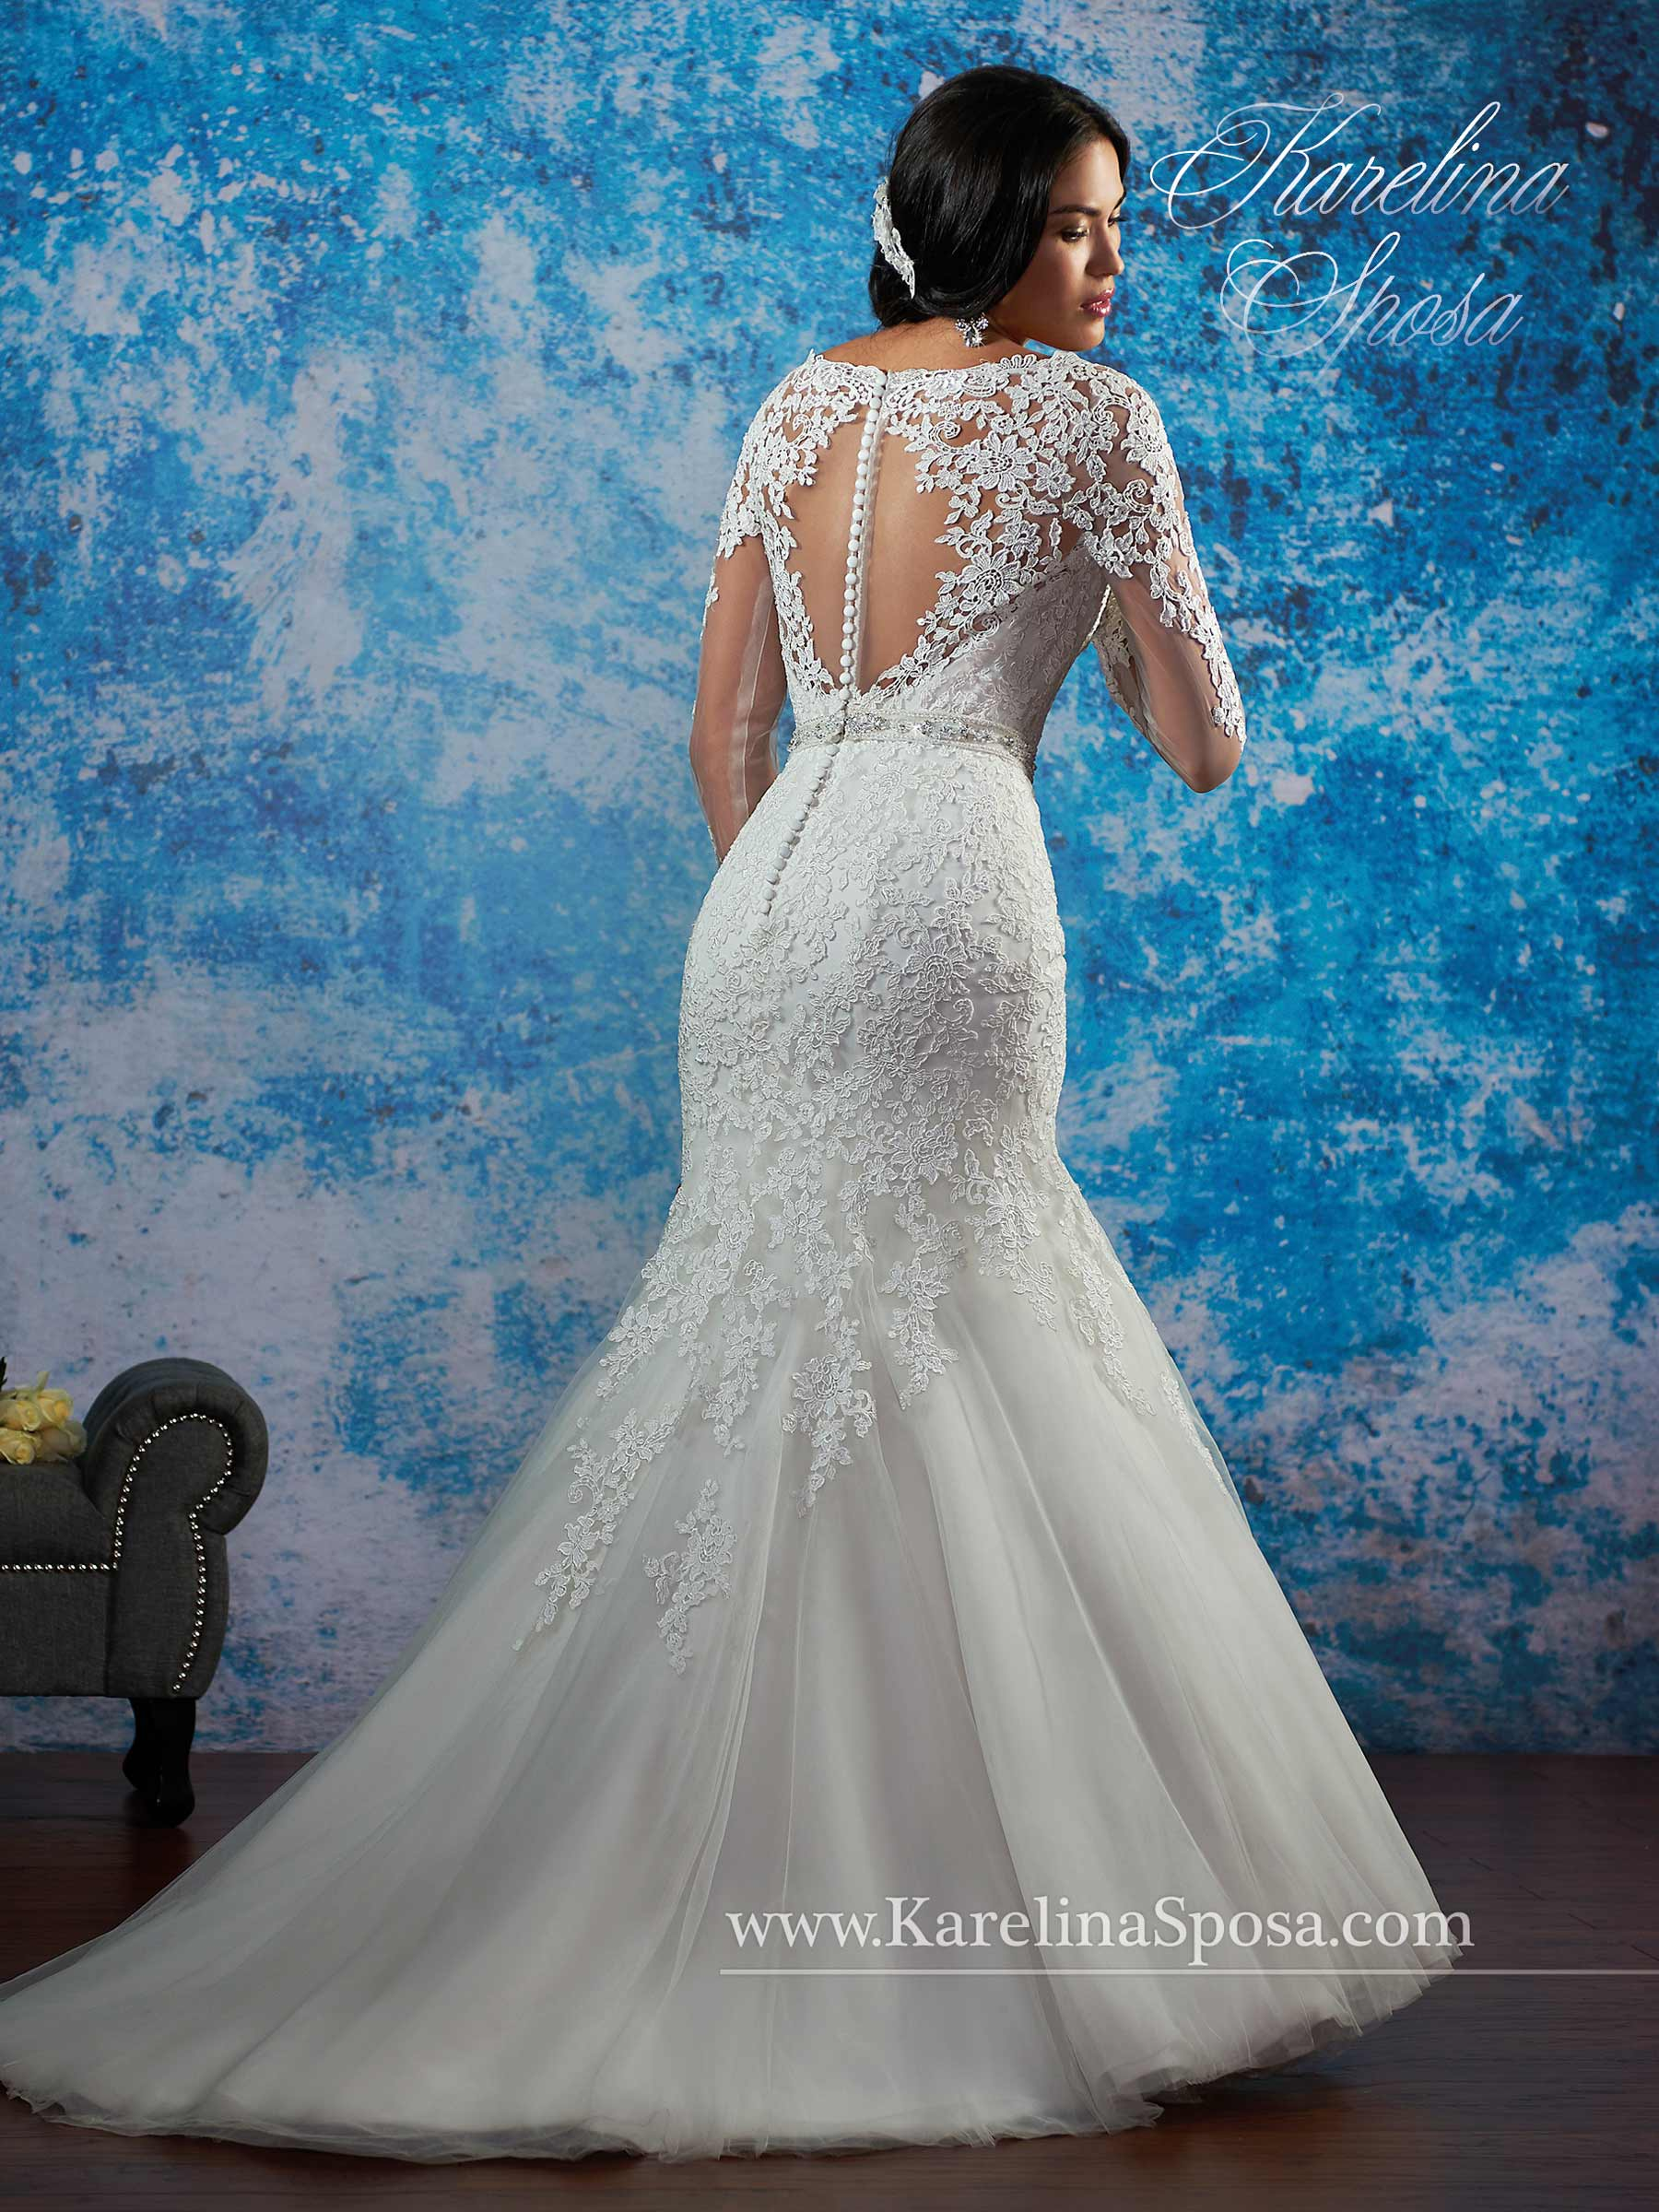 Vestido de novia Karelina Sposa C8080 - Lanovea